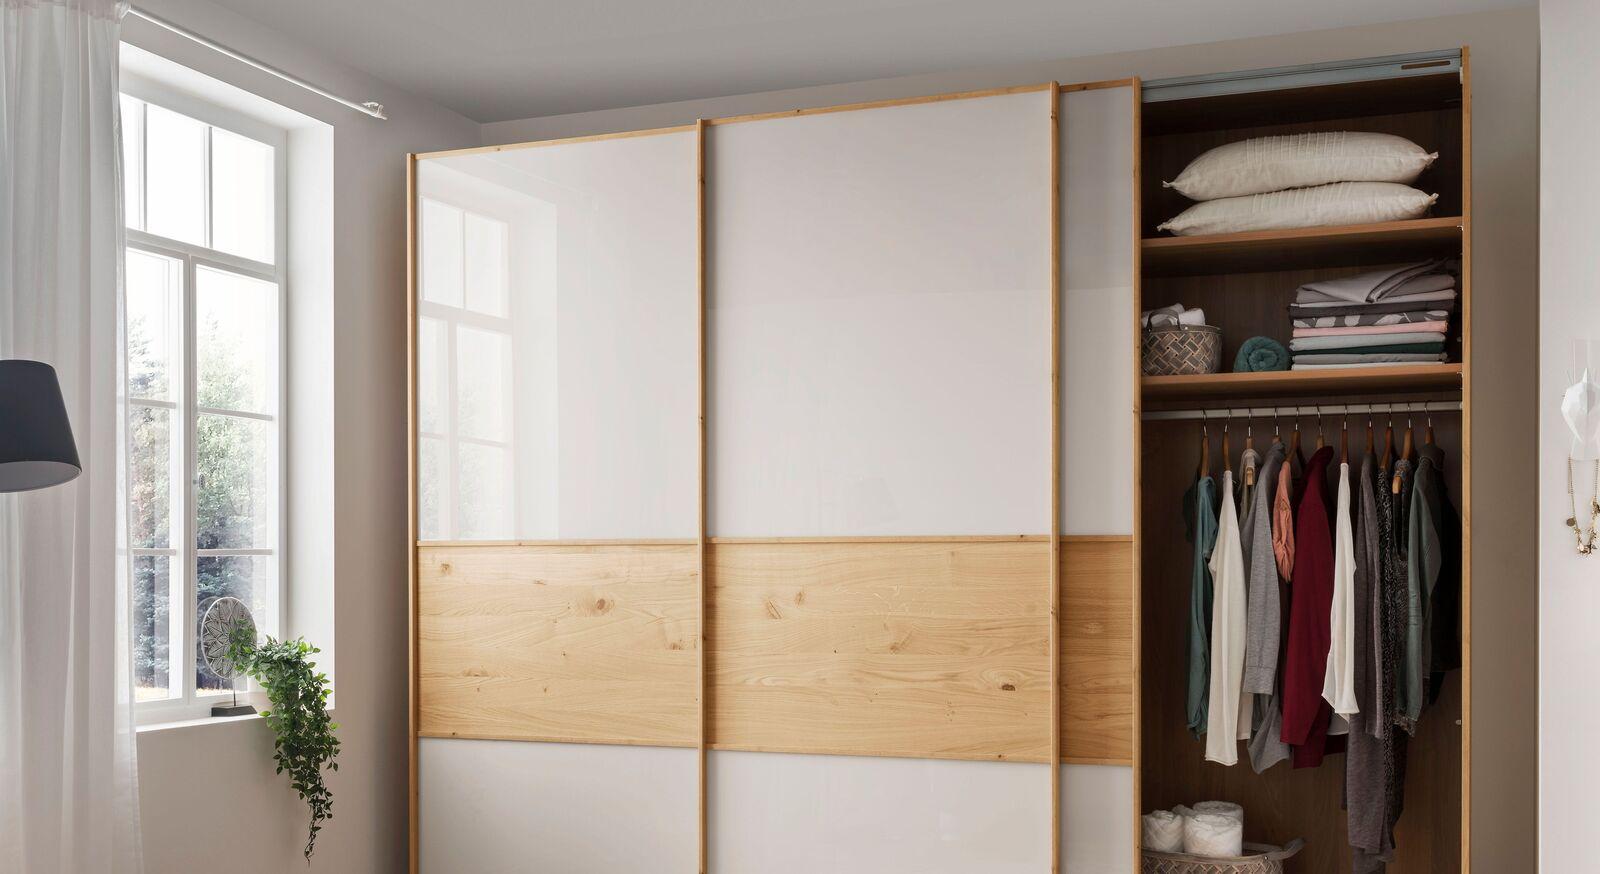 Schwebetüren-Kleiderschrank Corato mit Basic-Innenausstattung